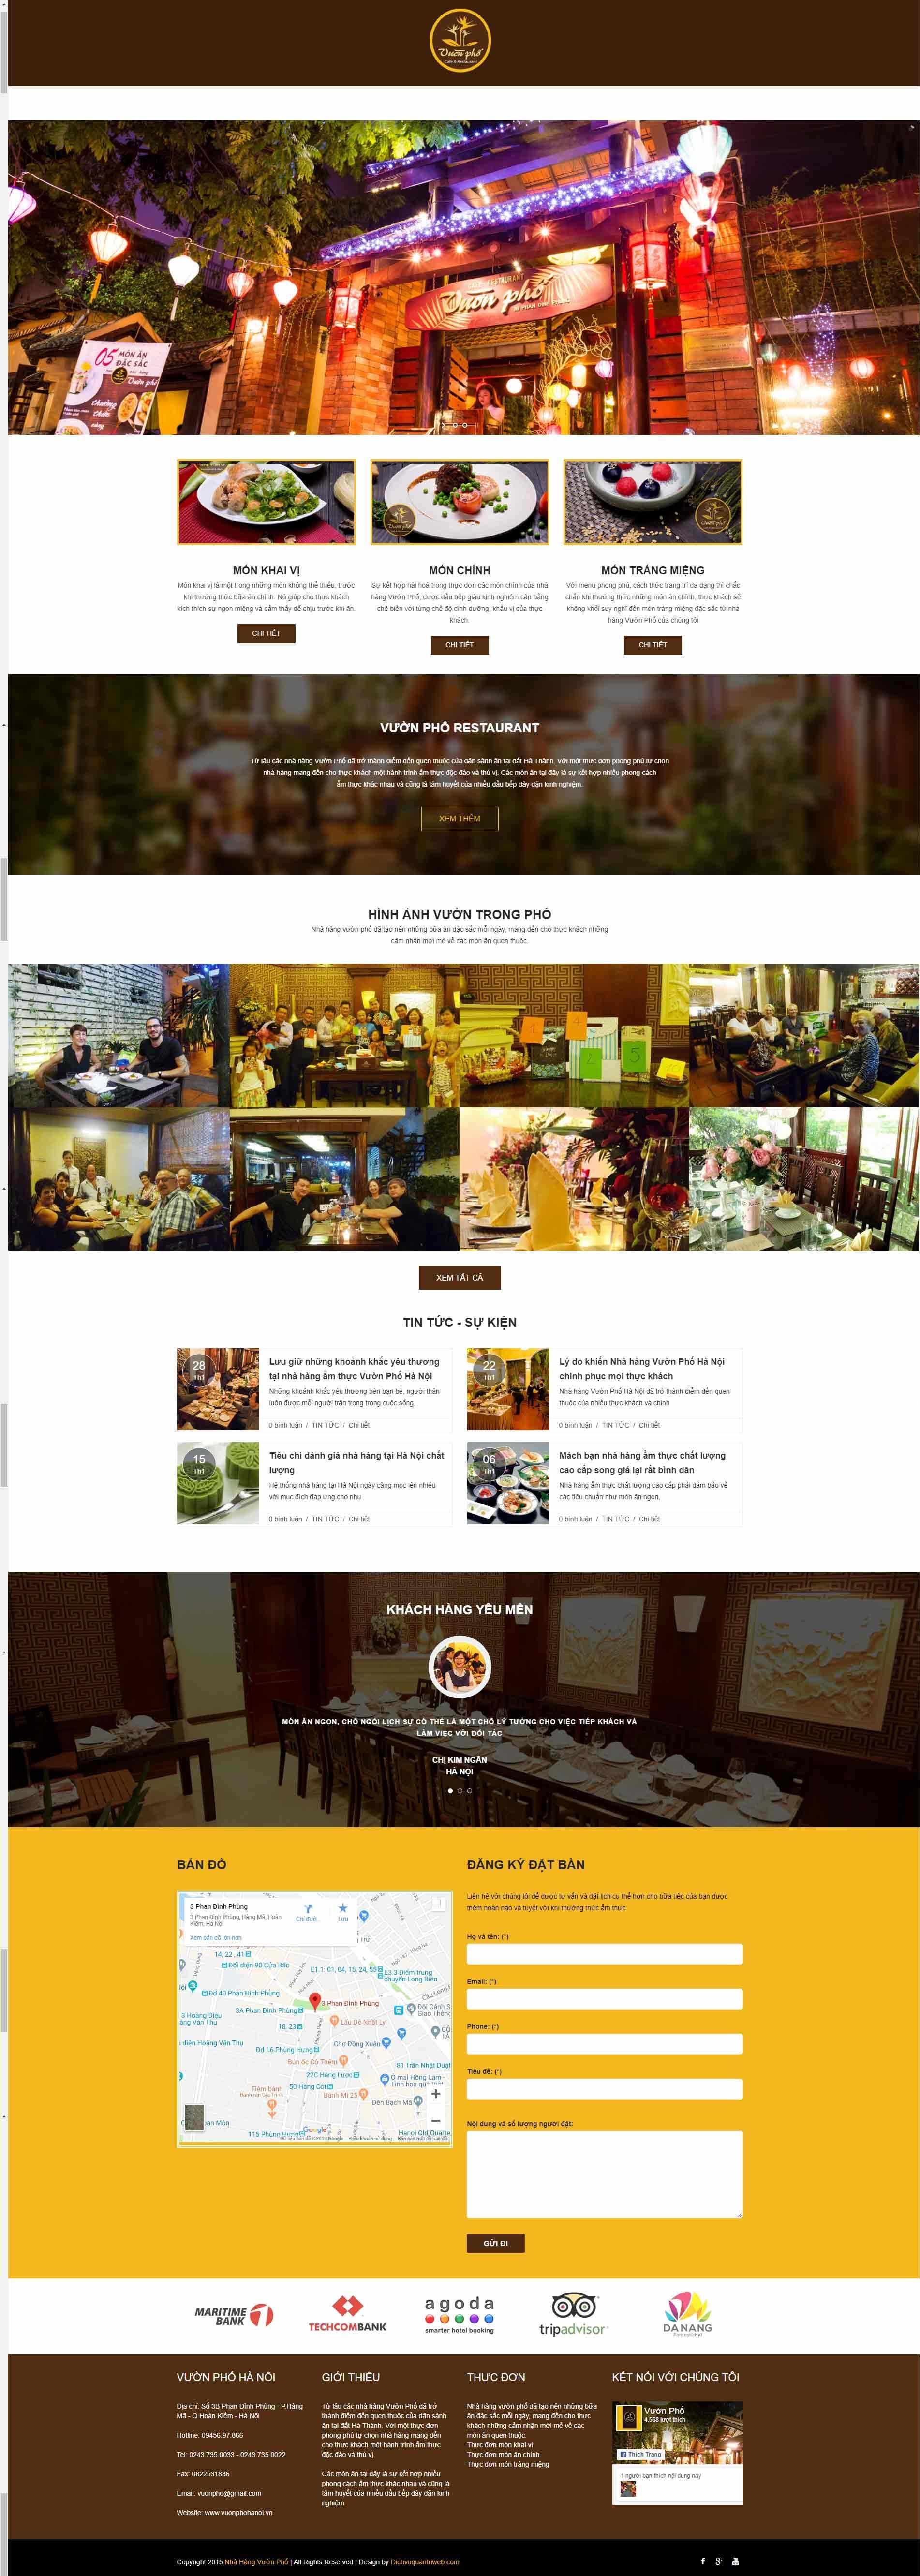 dichvuquantriweb-thiet-ke-website-vuonphohanoi-vn-1